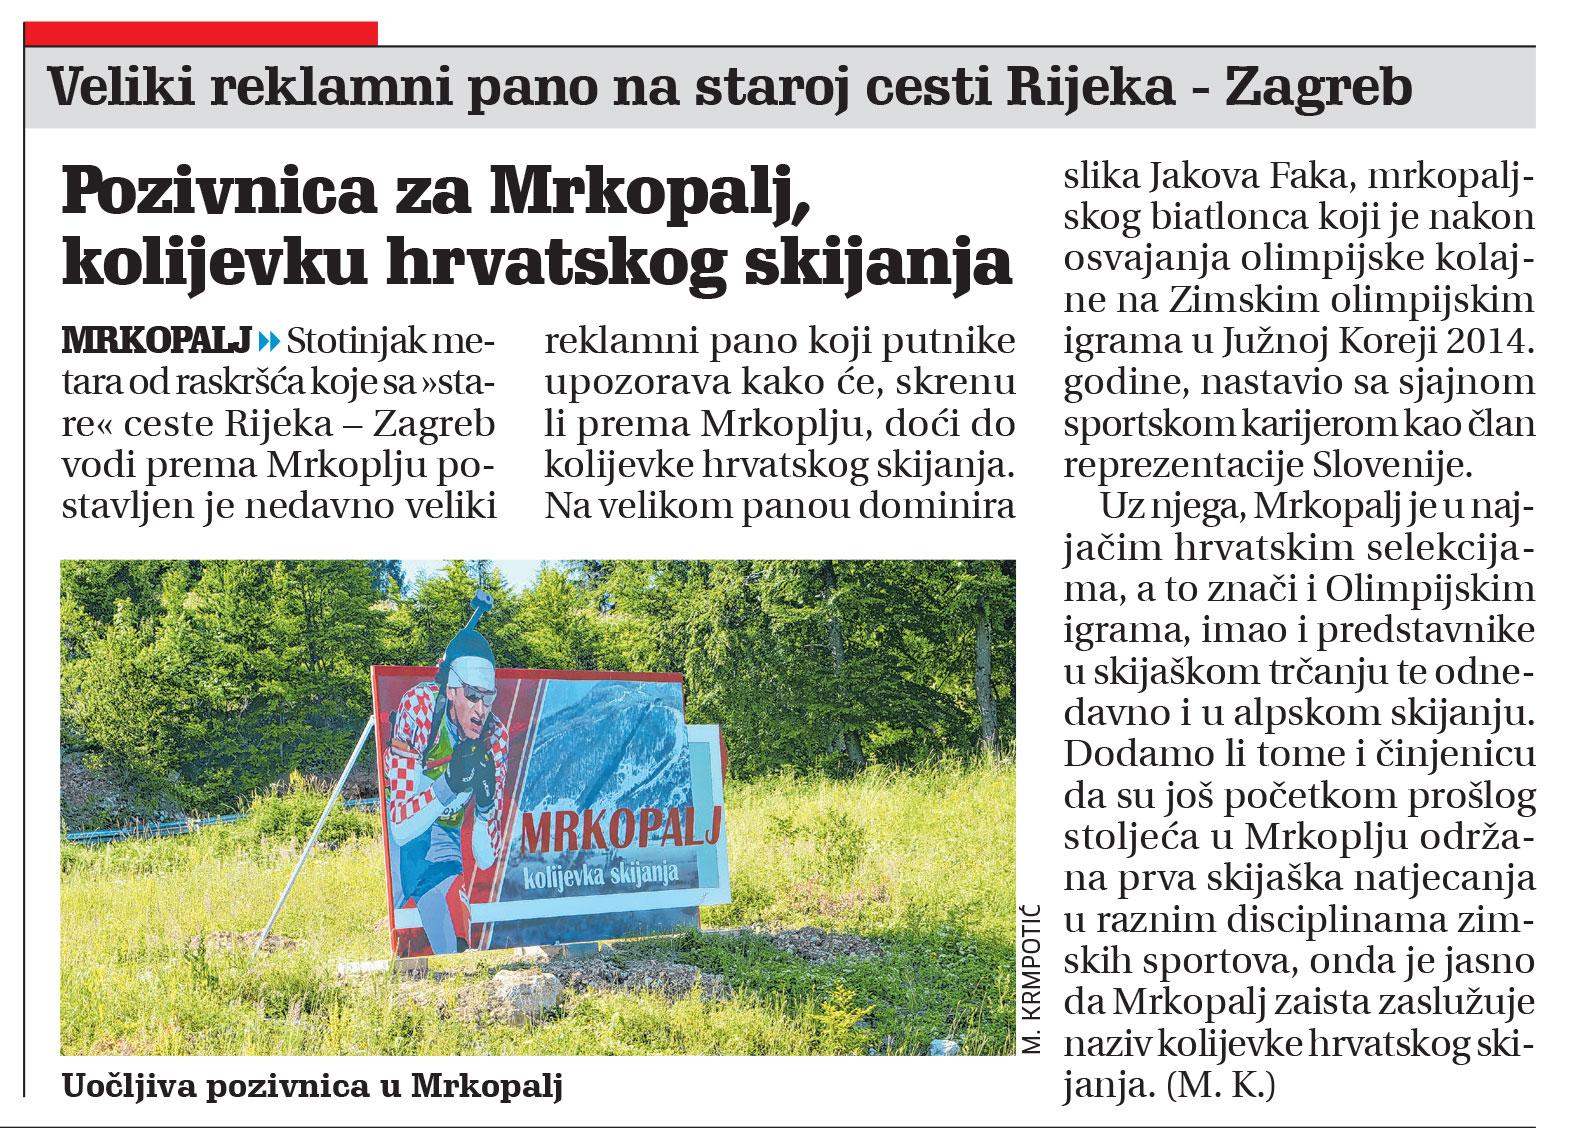 članak novi list, kolijevka hrvatskog skijanja